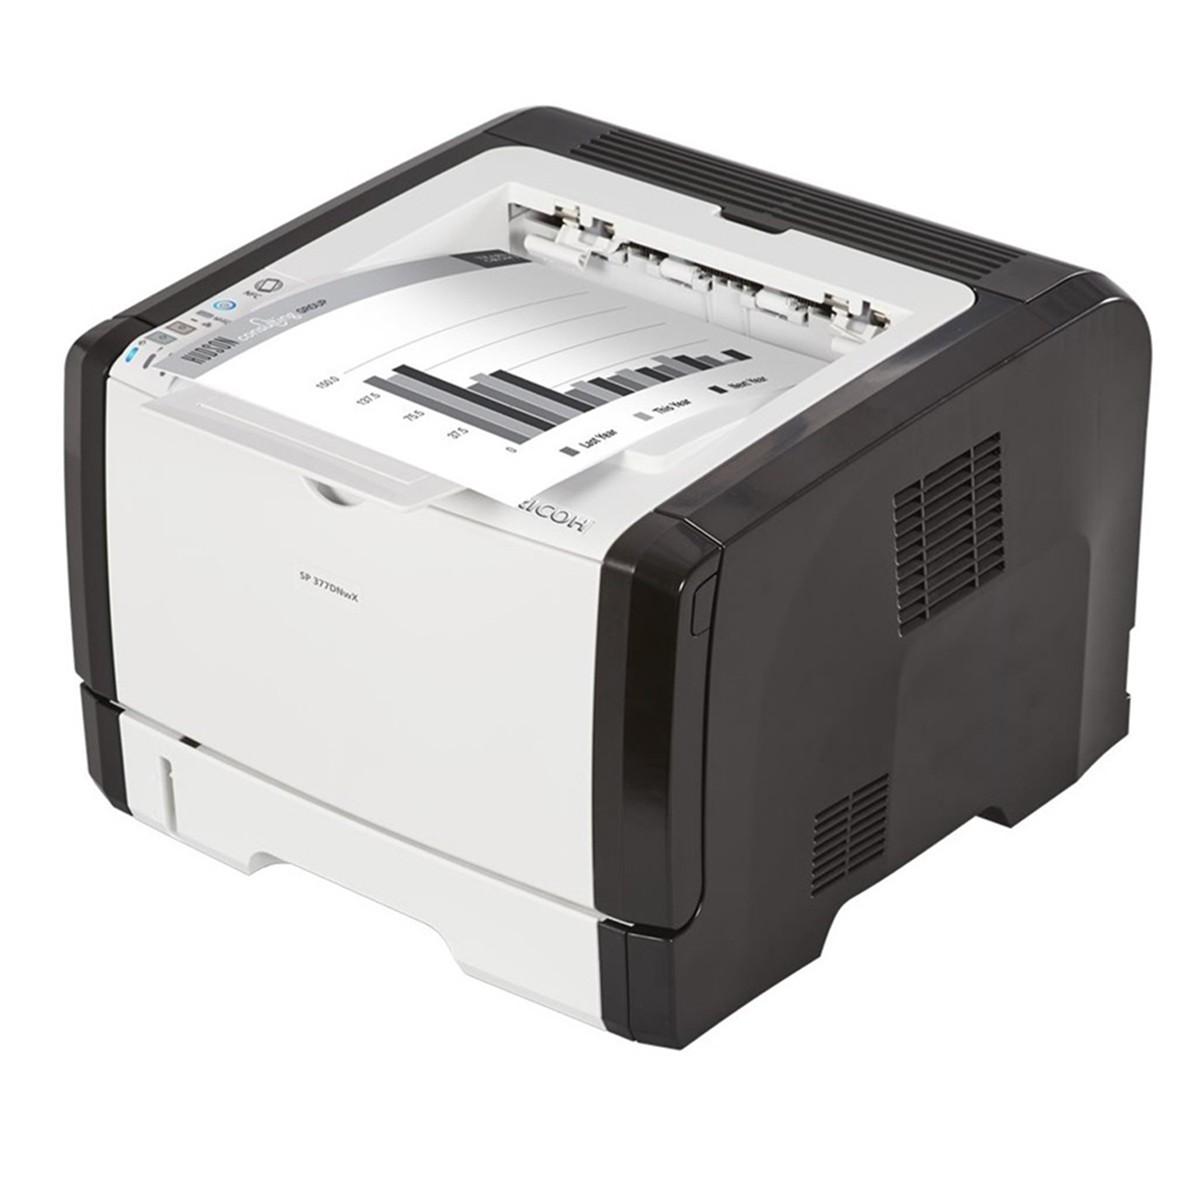 RICOH SP 377SDNWX| Impressora Laser Monocromática 30 PPM